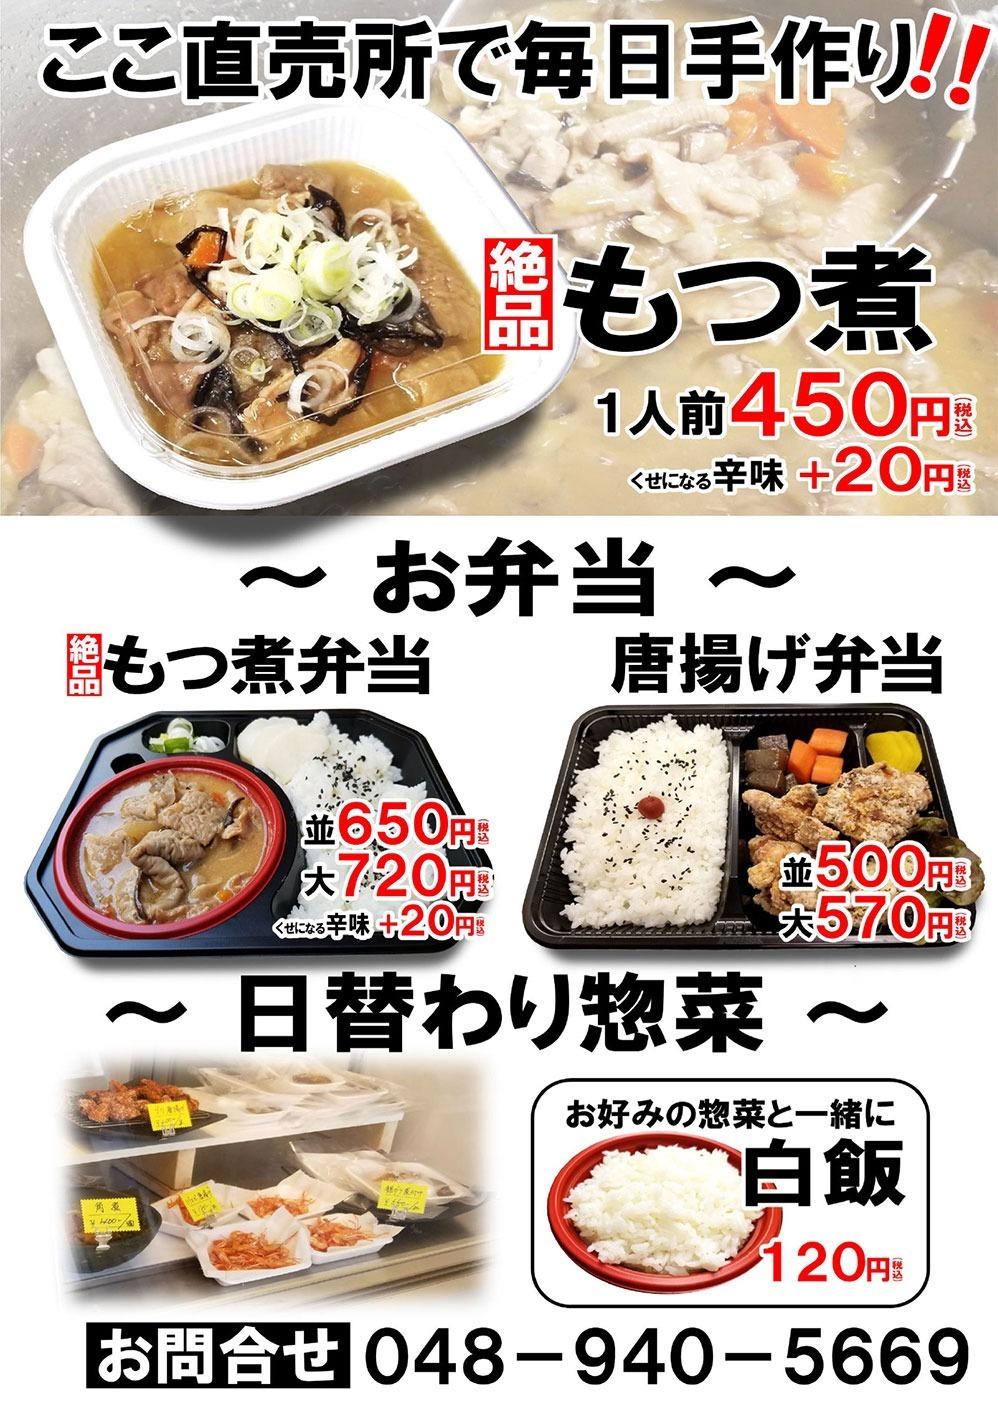 北越谷の「もつ煮直売所」日本豚園セントラルキッチン店  毎日手作りの絶品もつ煮のほか、唐揚げ弁当・日替わり弁当・各種惣菜を取り揃えております